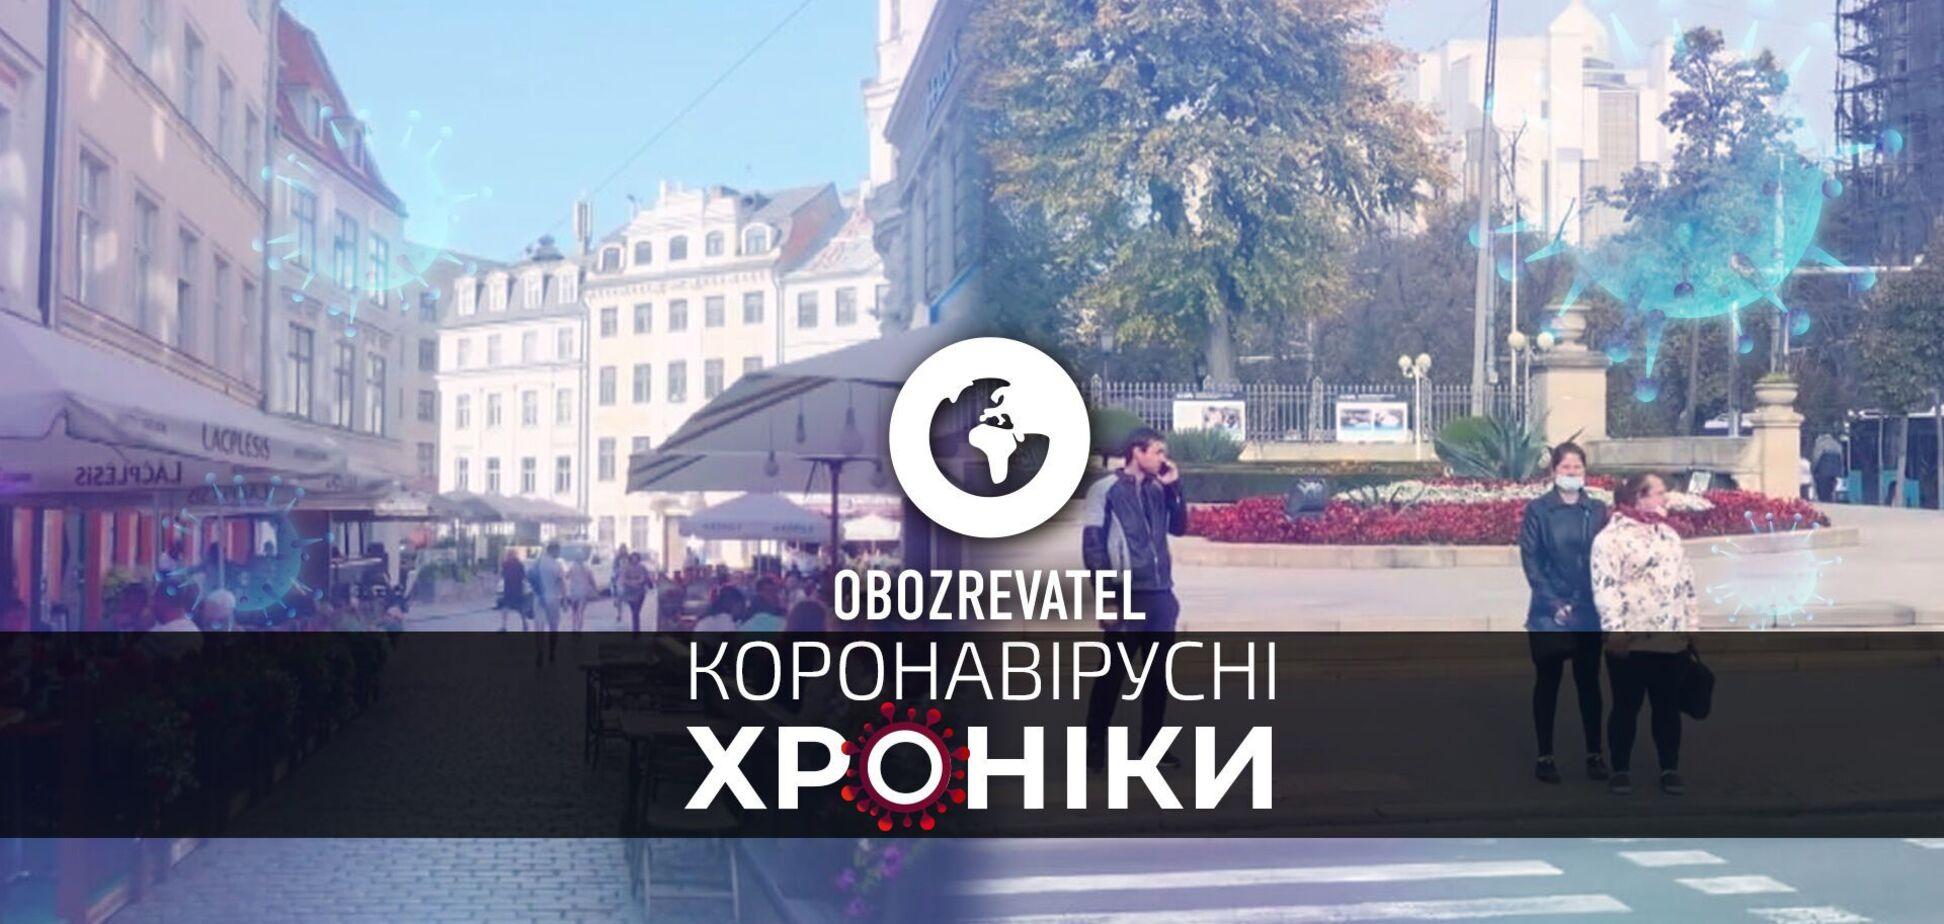 Латвия отменила ношение масок на улице, а в Молдове почти за год нет COVID-смертей – коронавирусные хроники